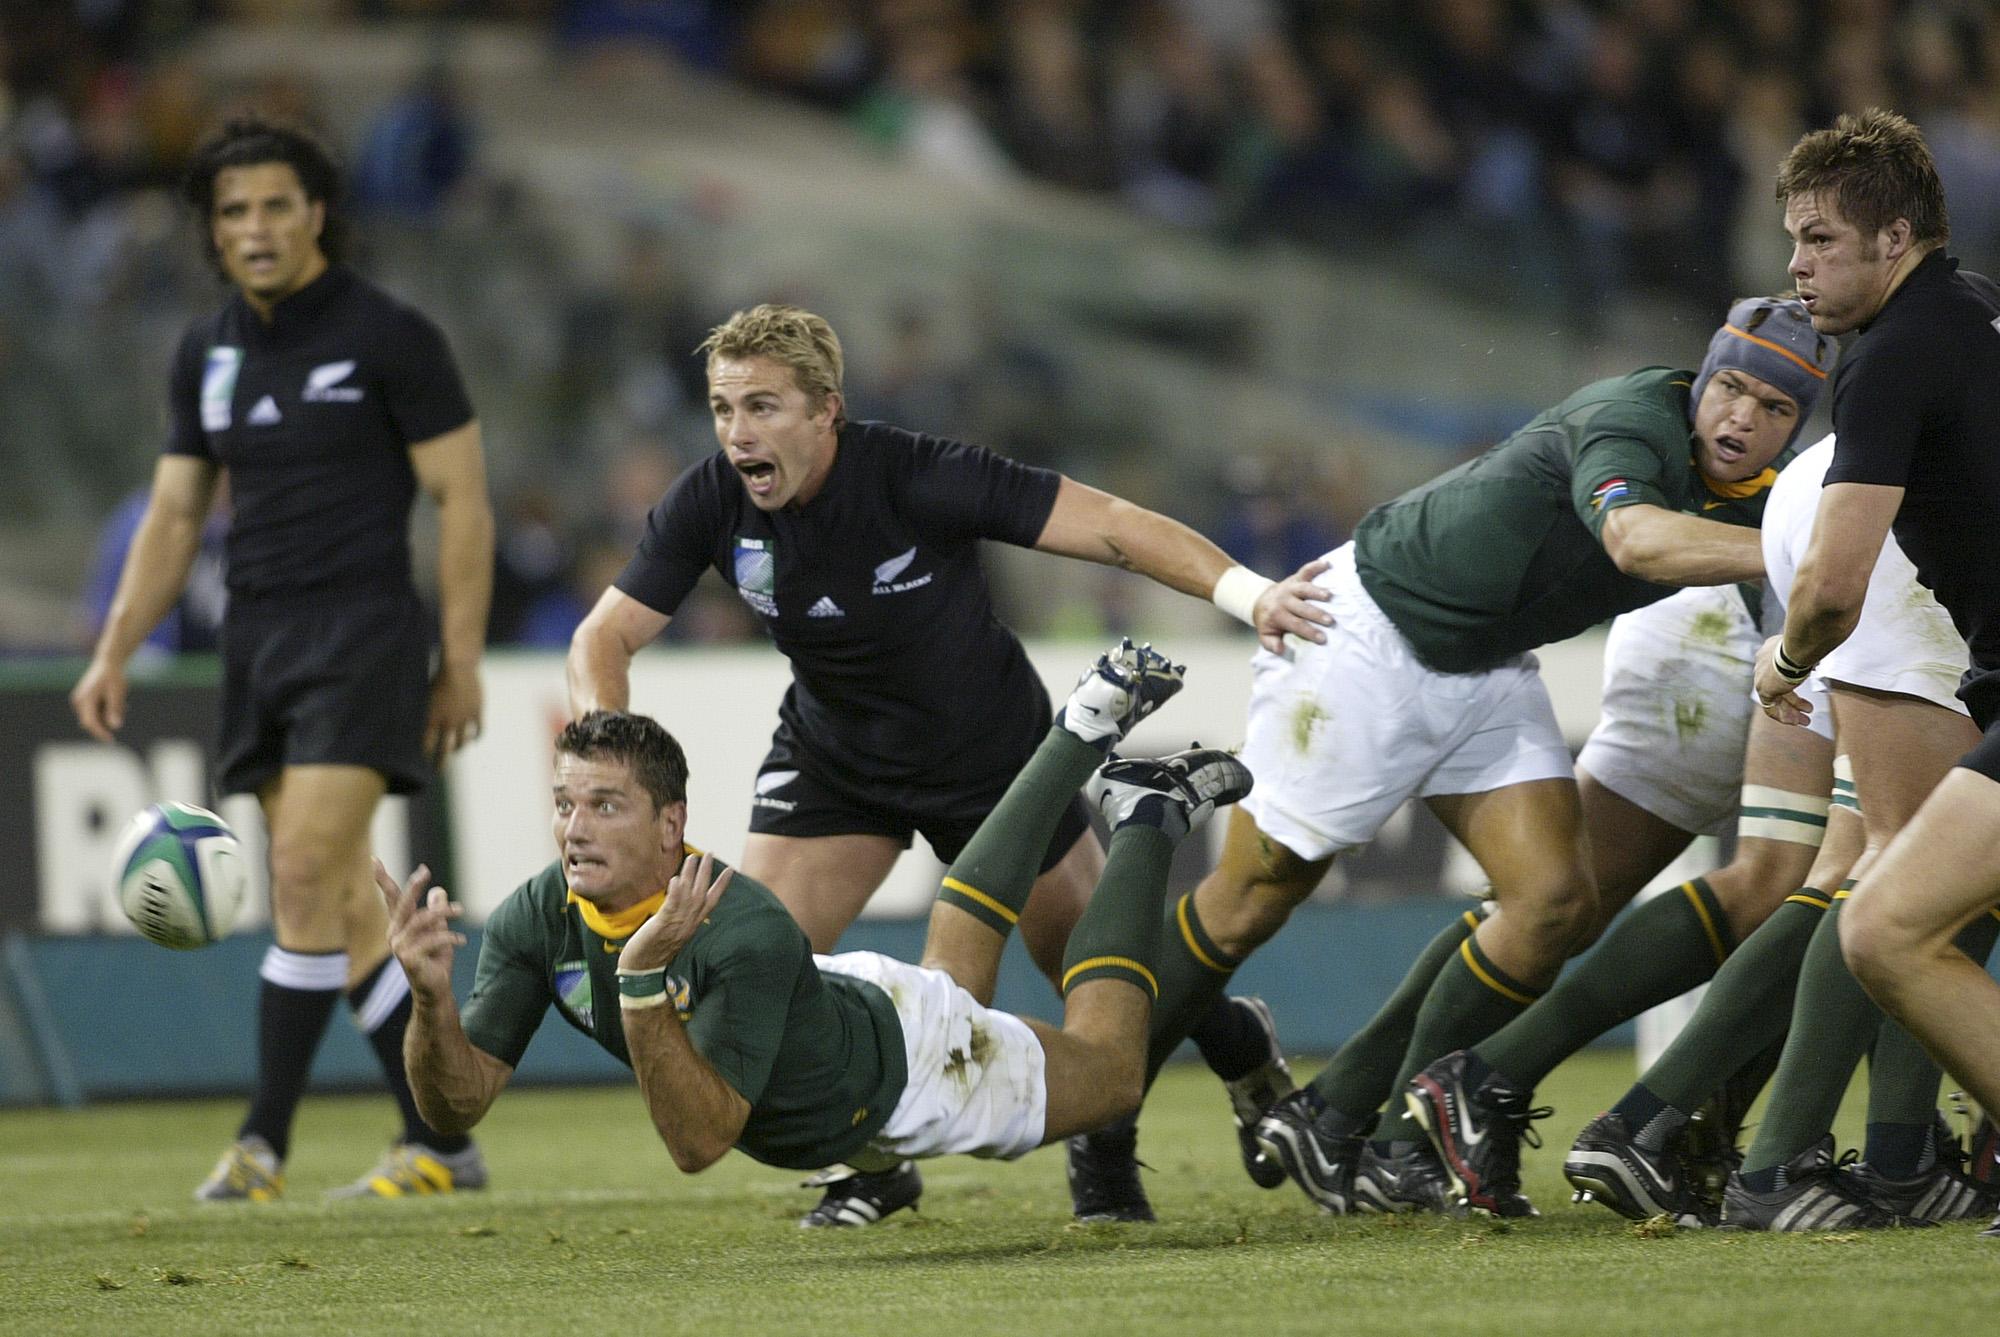 Joost Van der Westhuizen (Afrique du sud vs All Blacks, Melbourne, AUSTRALIE, Coupe du Monde 2003) Copyright JEAN-MARIE HERVIO